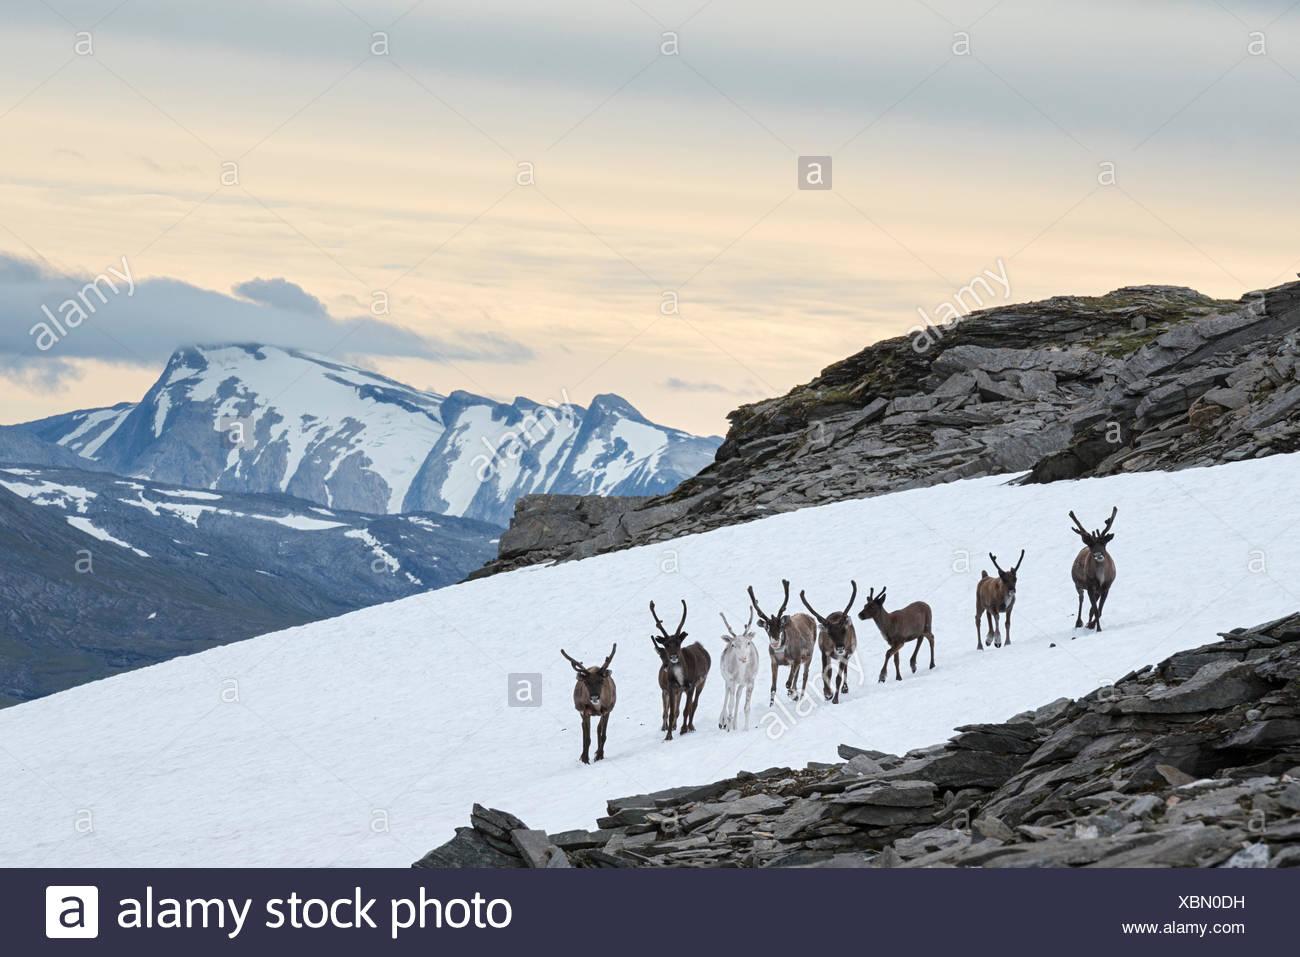 Sur une chaude journée d'été, semi-domestiquées renne, Rangifer tarandus, recueillir sur plaques de neige afin de refroidir et d'éviter les insectes. Photo Stock